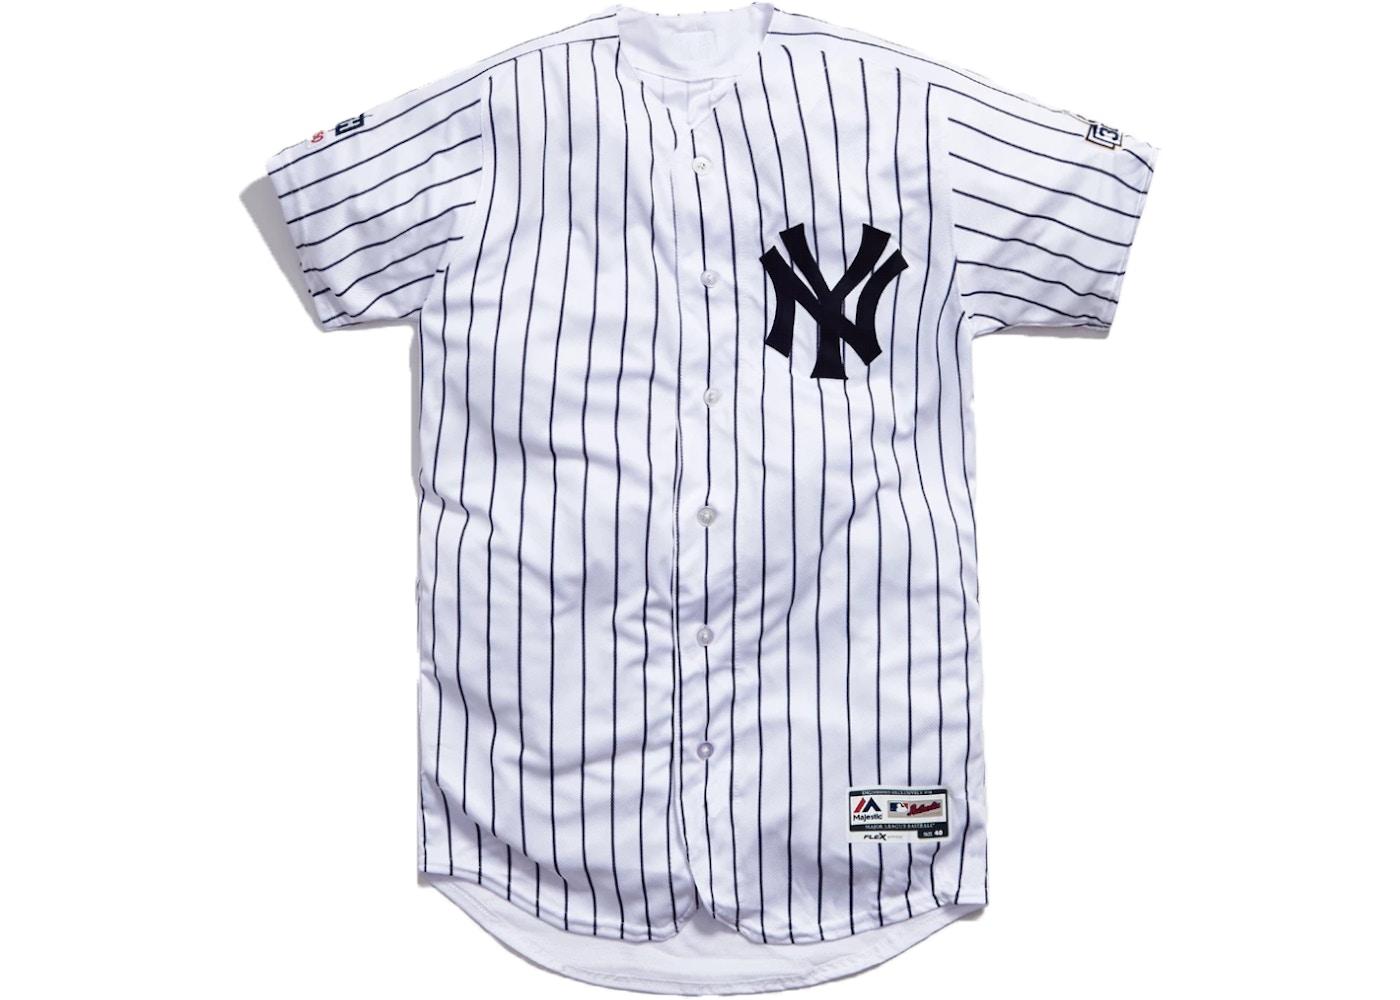 Kith x CC Sabathia x MLB Home Jersey White/Navy